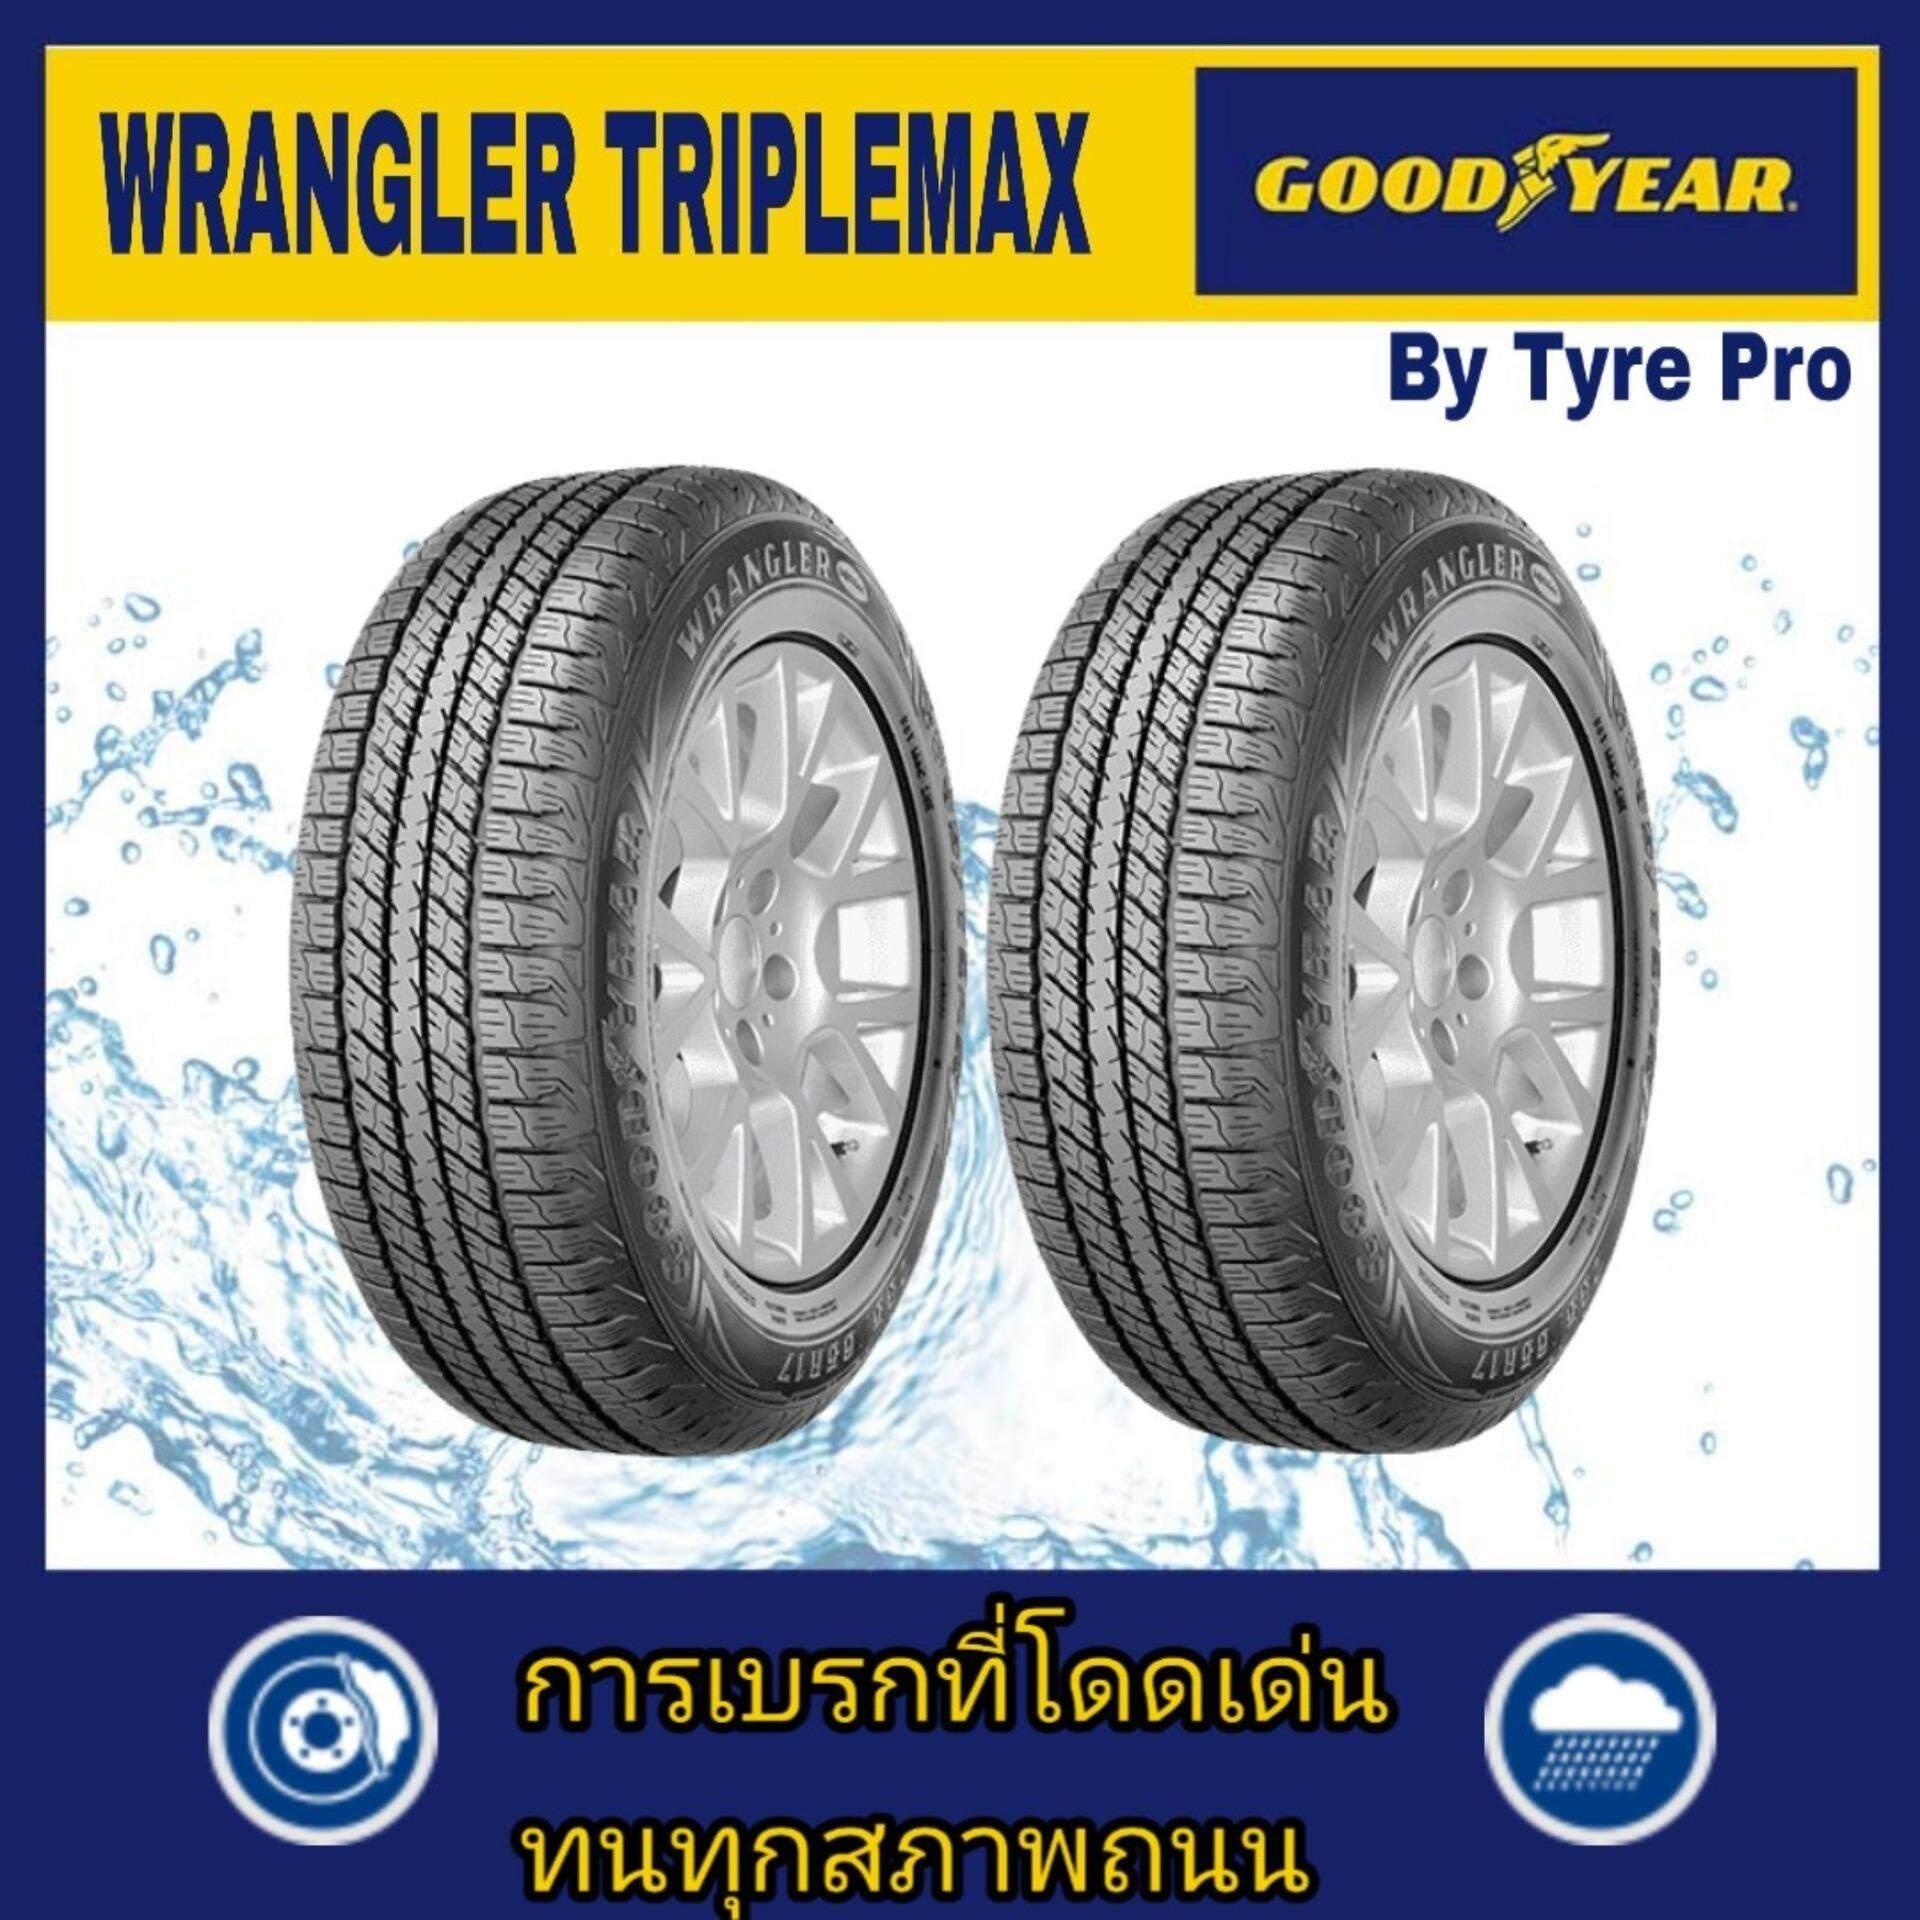 ประกันภัย รถยนต์ ชั้น 3 ราคา ถูก ยะลา Goodyear ยางรถยนต์ 225/65R17 รุ่น Wrangle Triplemax (2 เส้น)